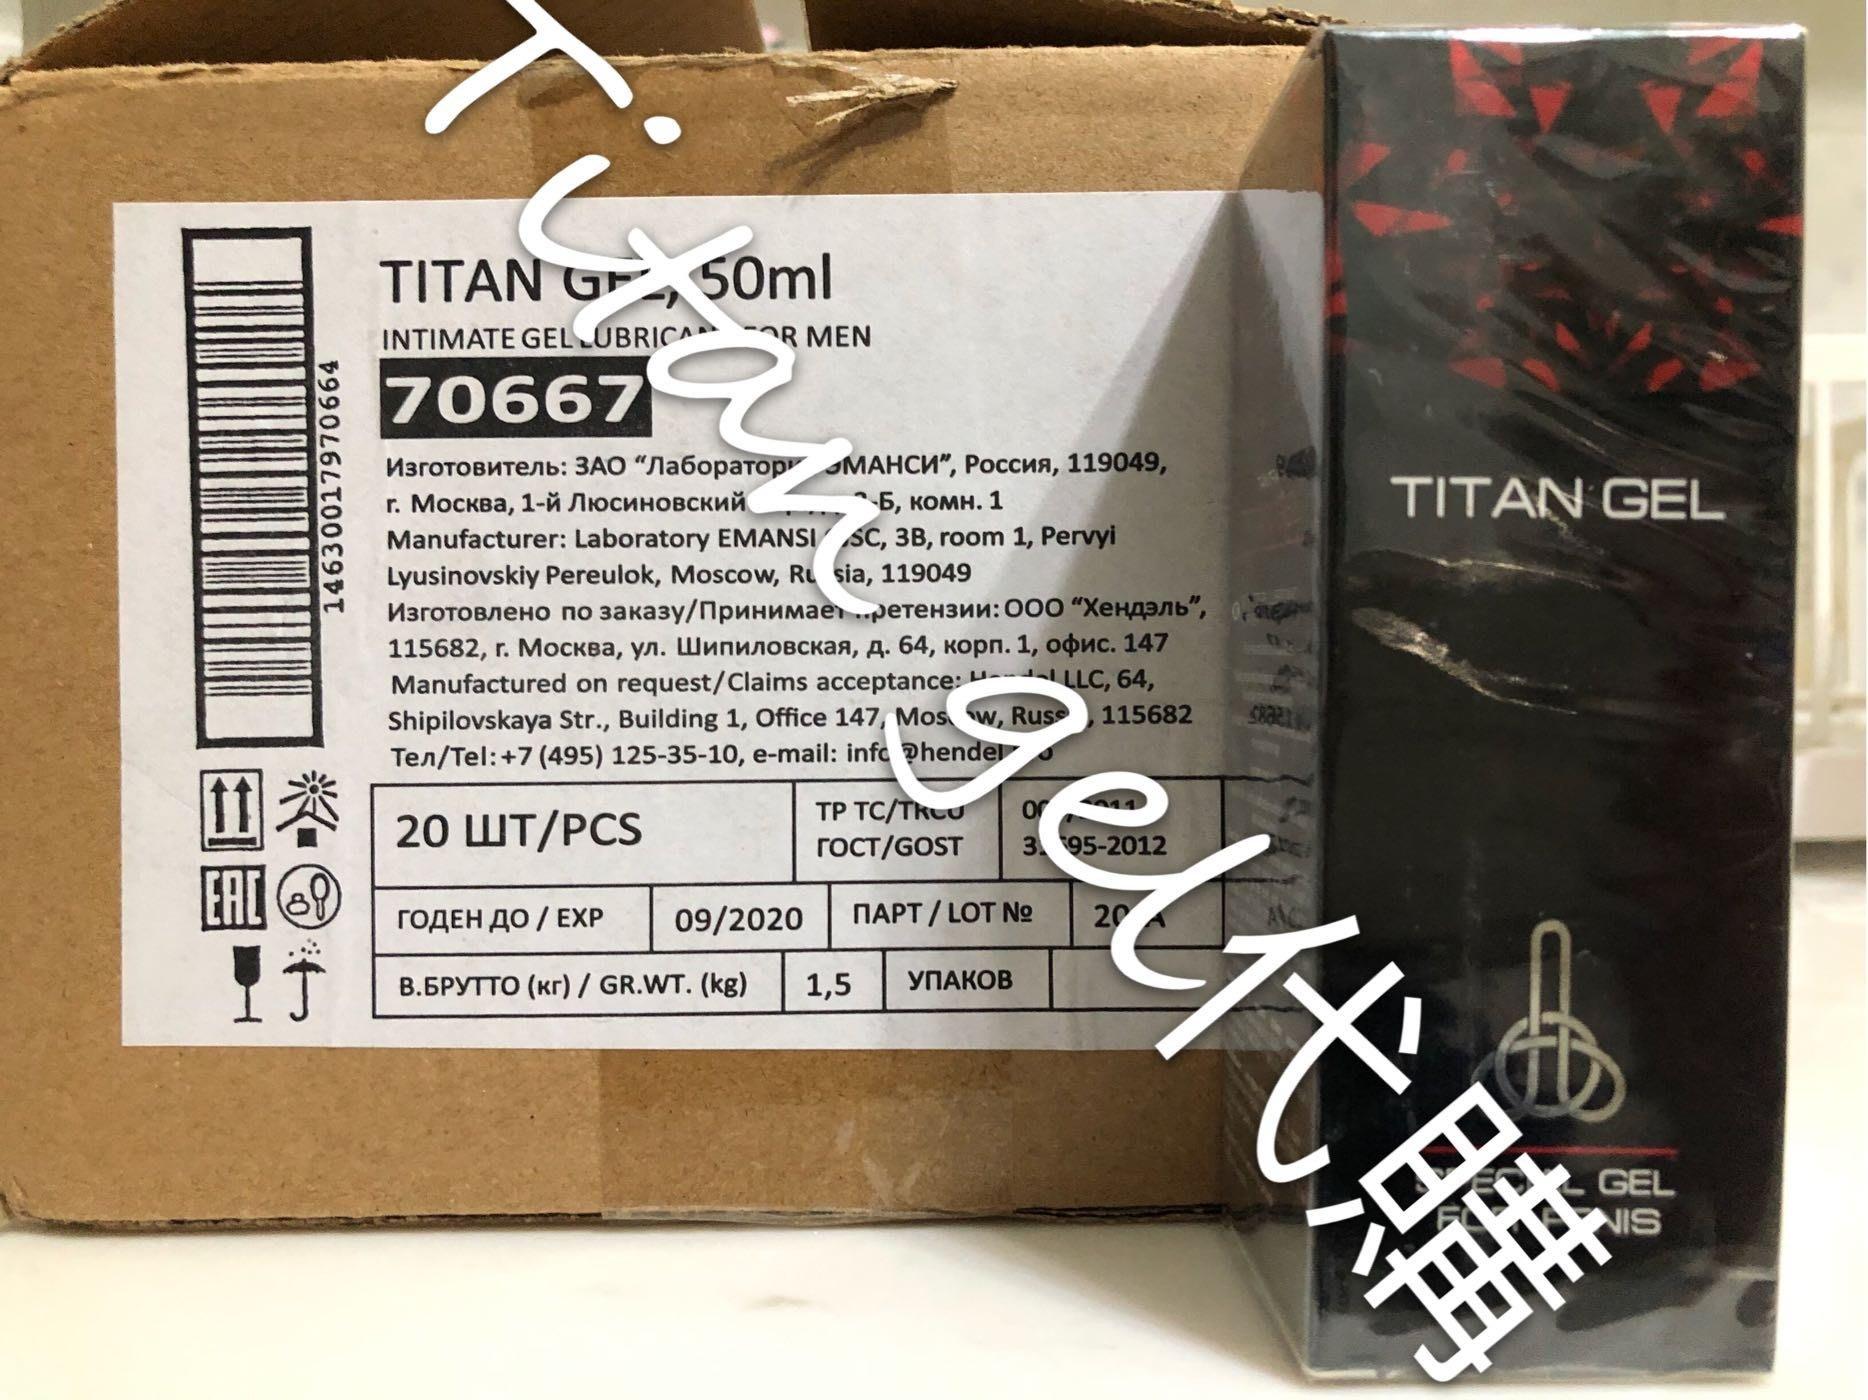 台灣現貨 限10組 送紅泰坦1條 正品代購 俄羅斯泰坦凝膠  titan gel 男用凝膠 白色瓶口卡扣